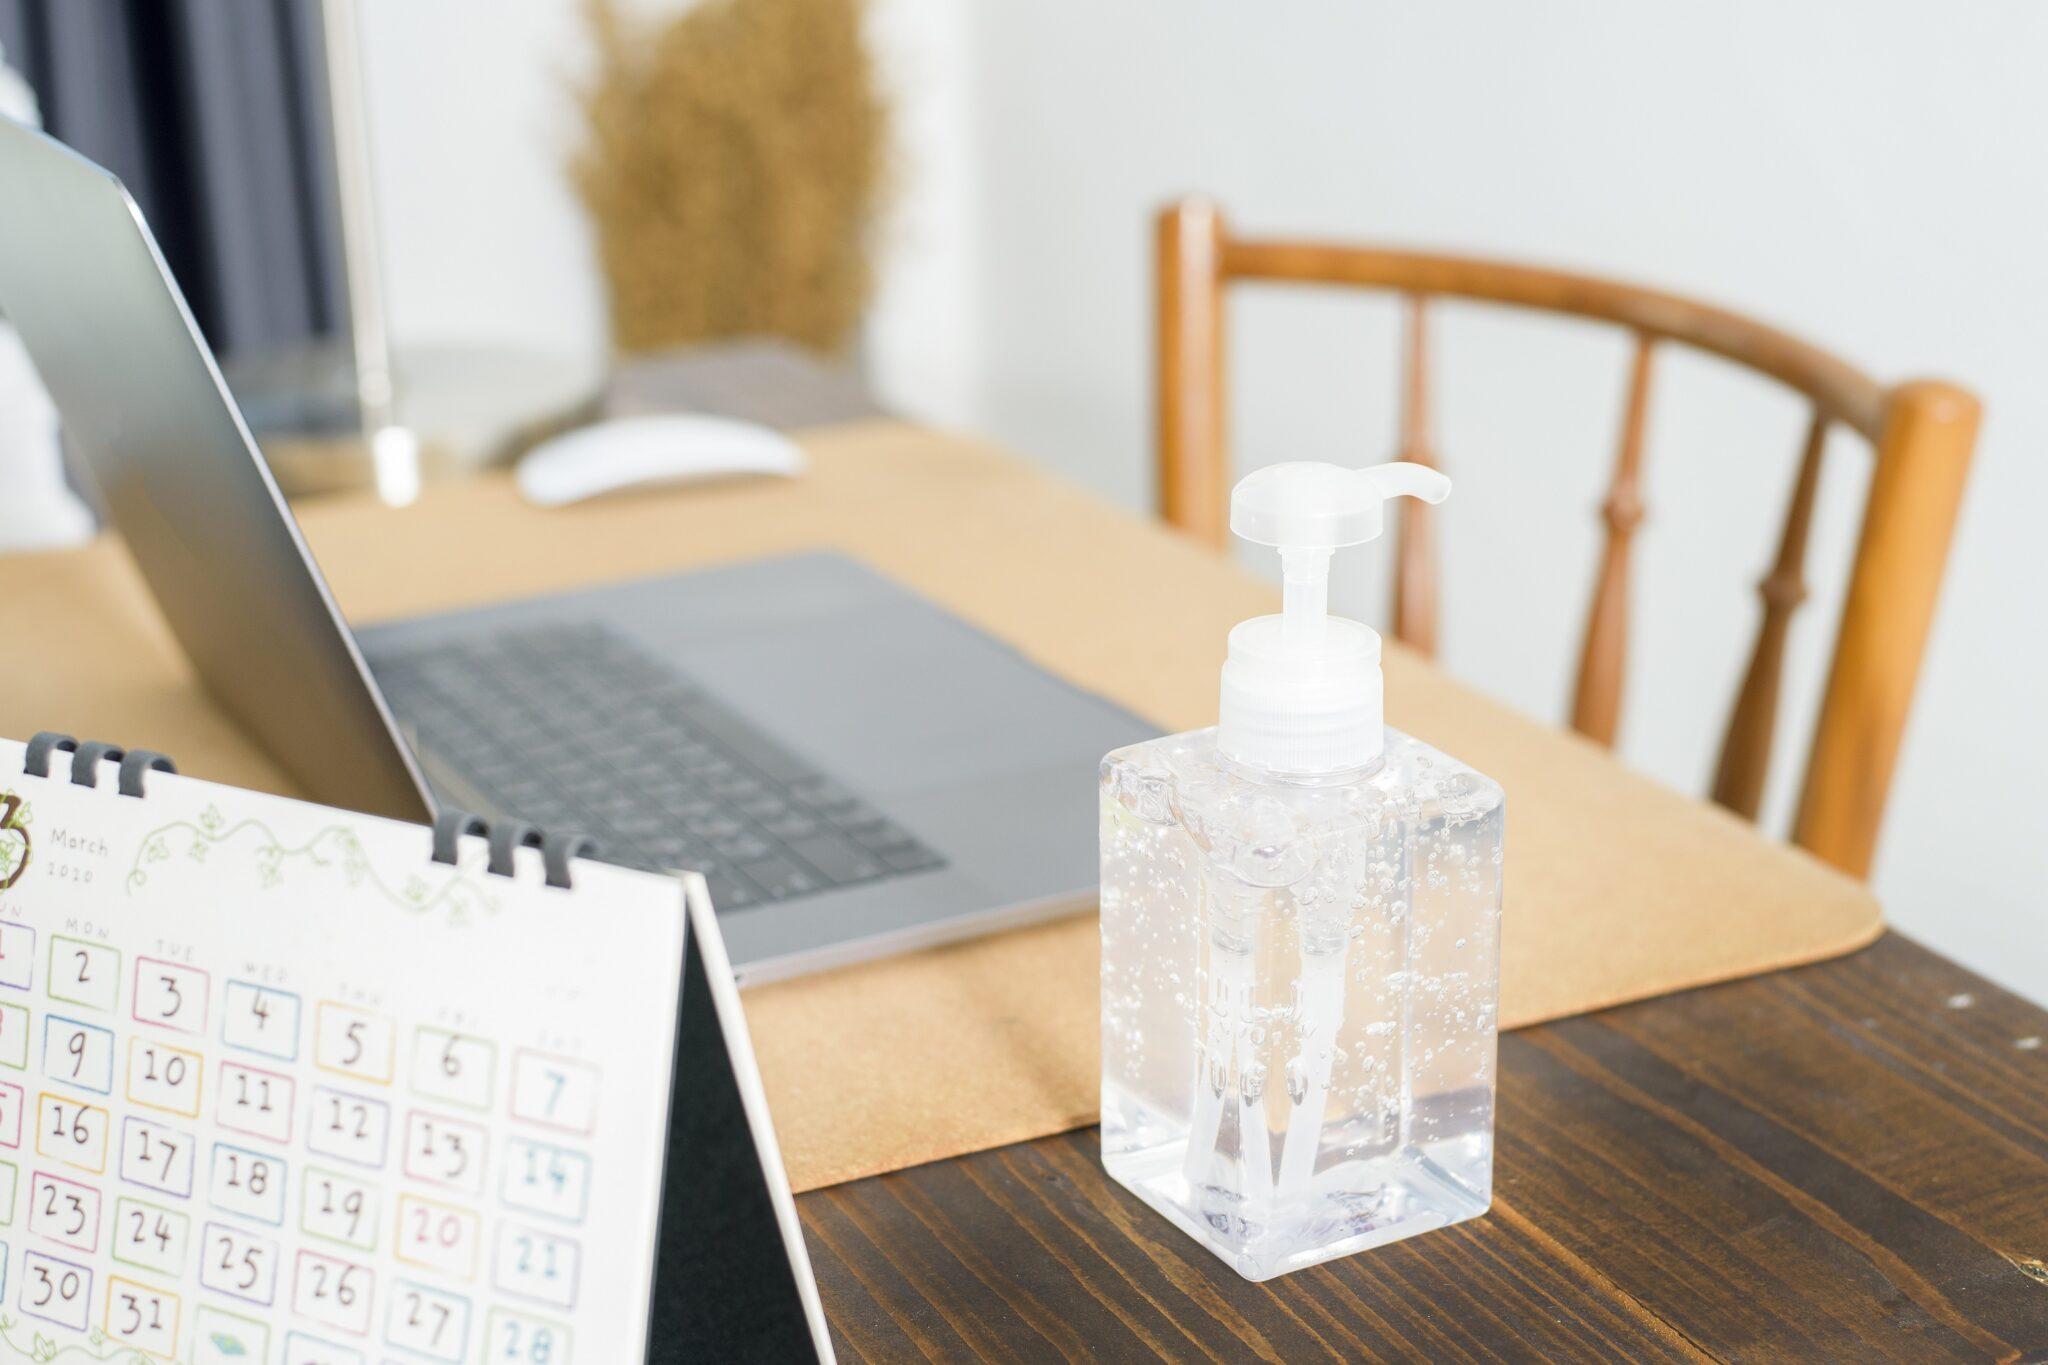 Covid-19 e os reflexos na produção de produtos de higiene: a simplificação da ANVISA